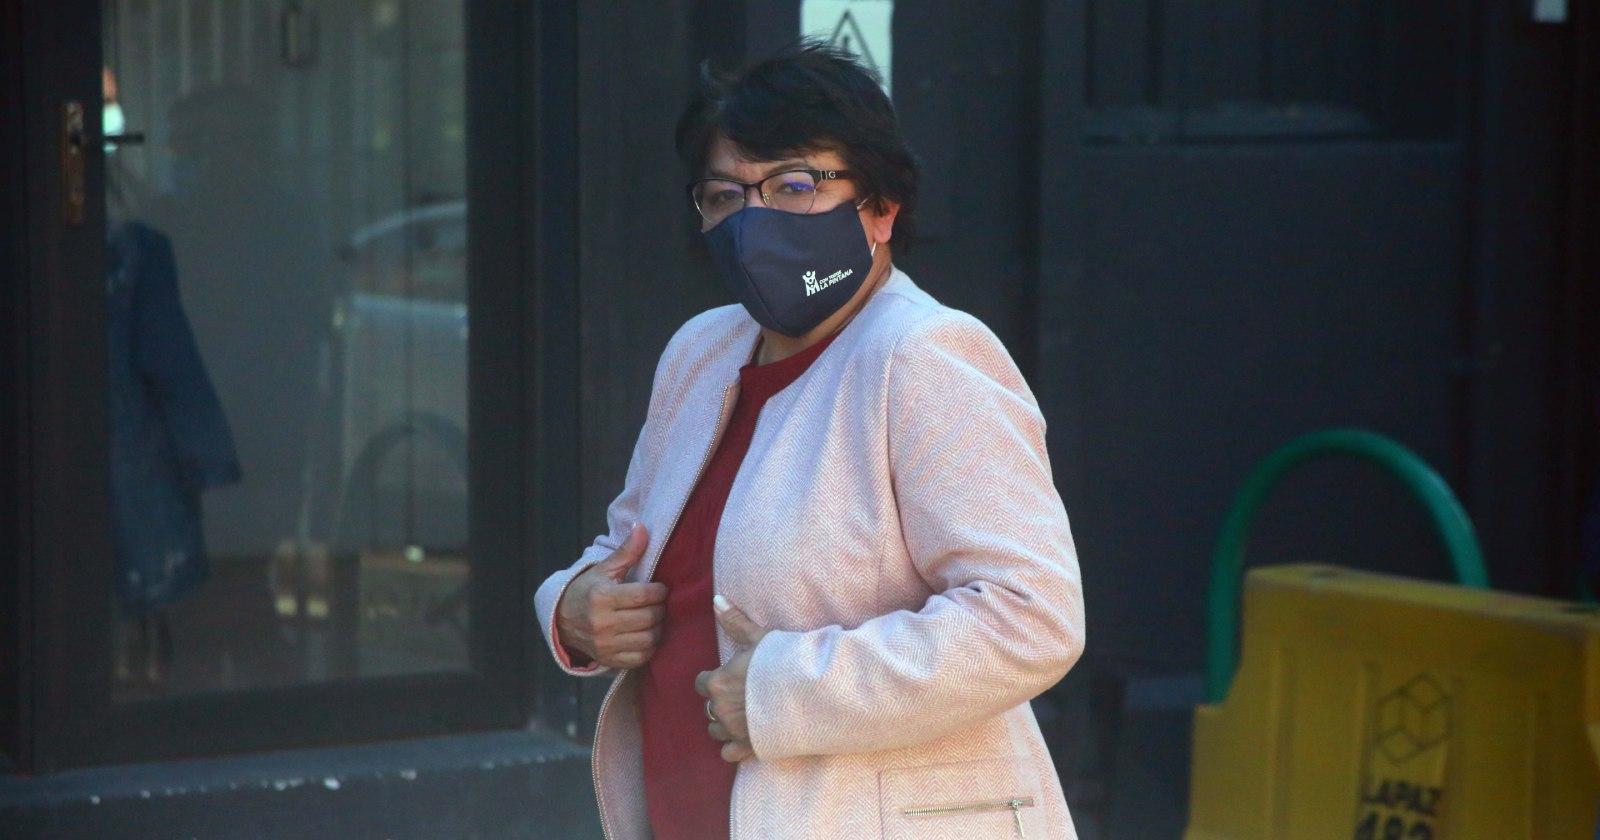 El cambio de vida de la alcaldesa de La Pintana tras recibir amenazas de muerte